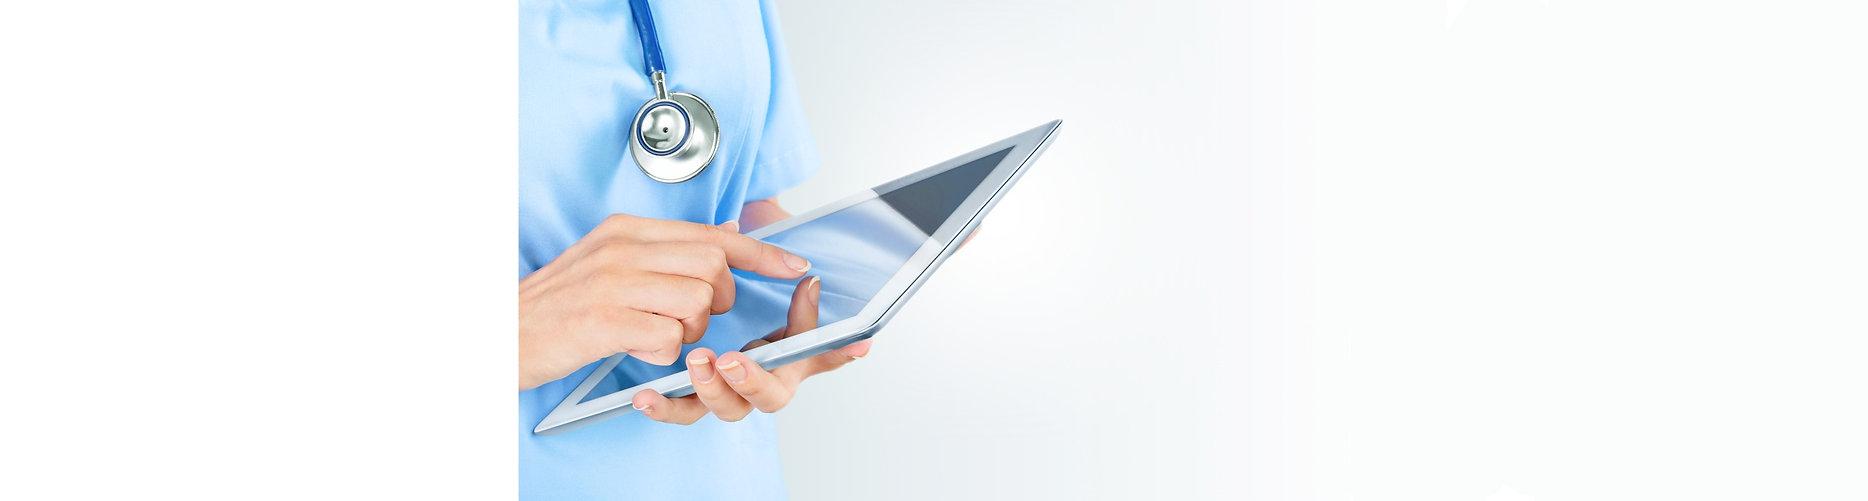 Nurse_tablet_edited.jpg